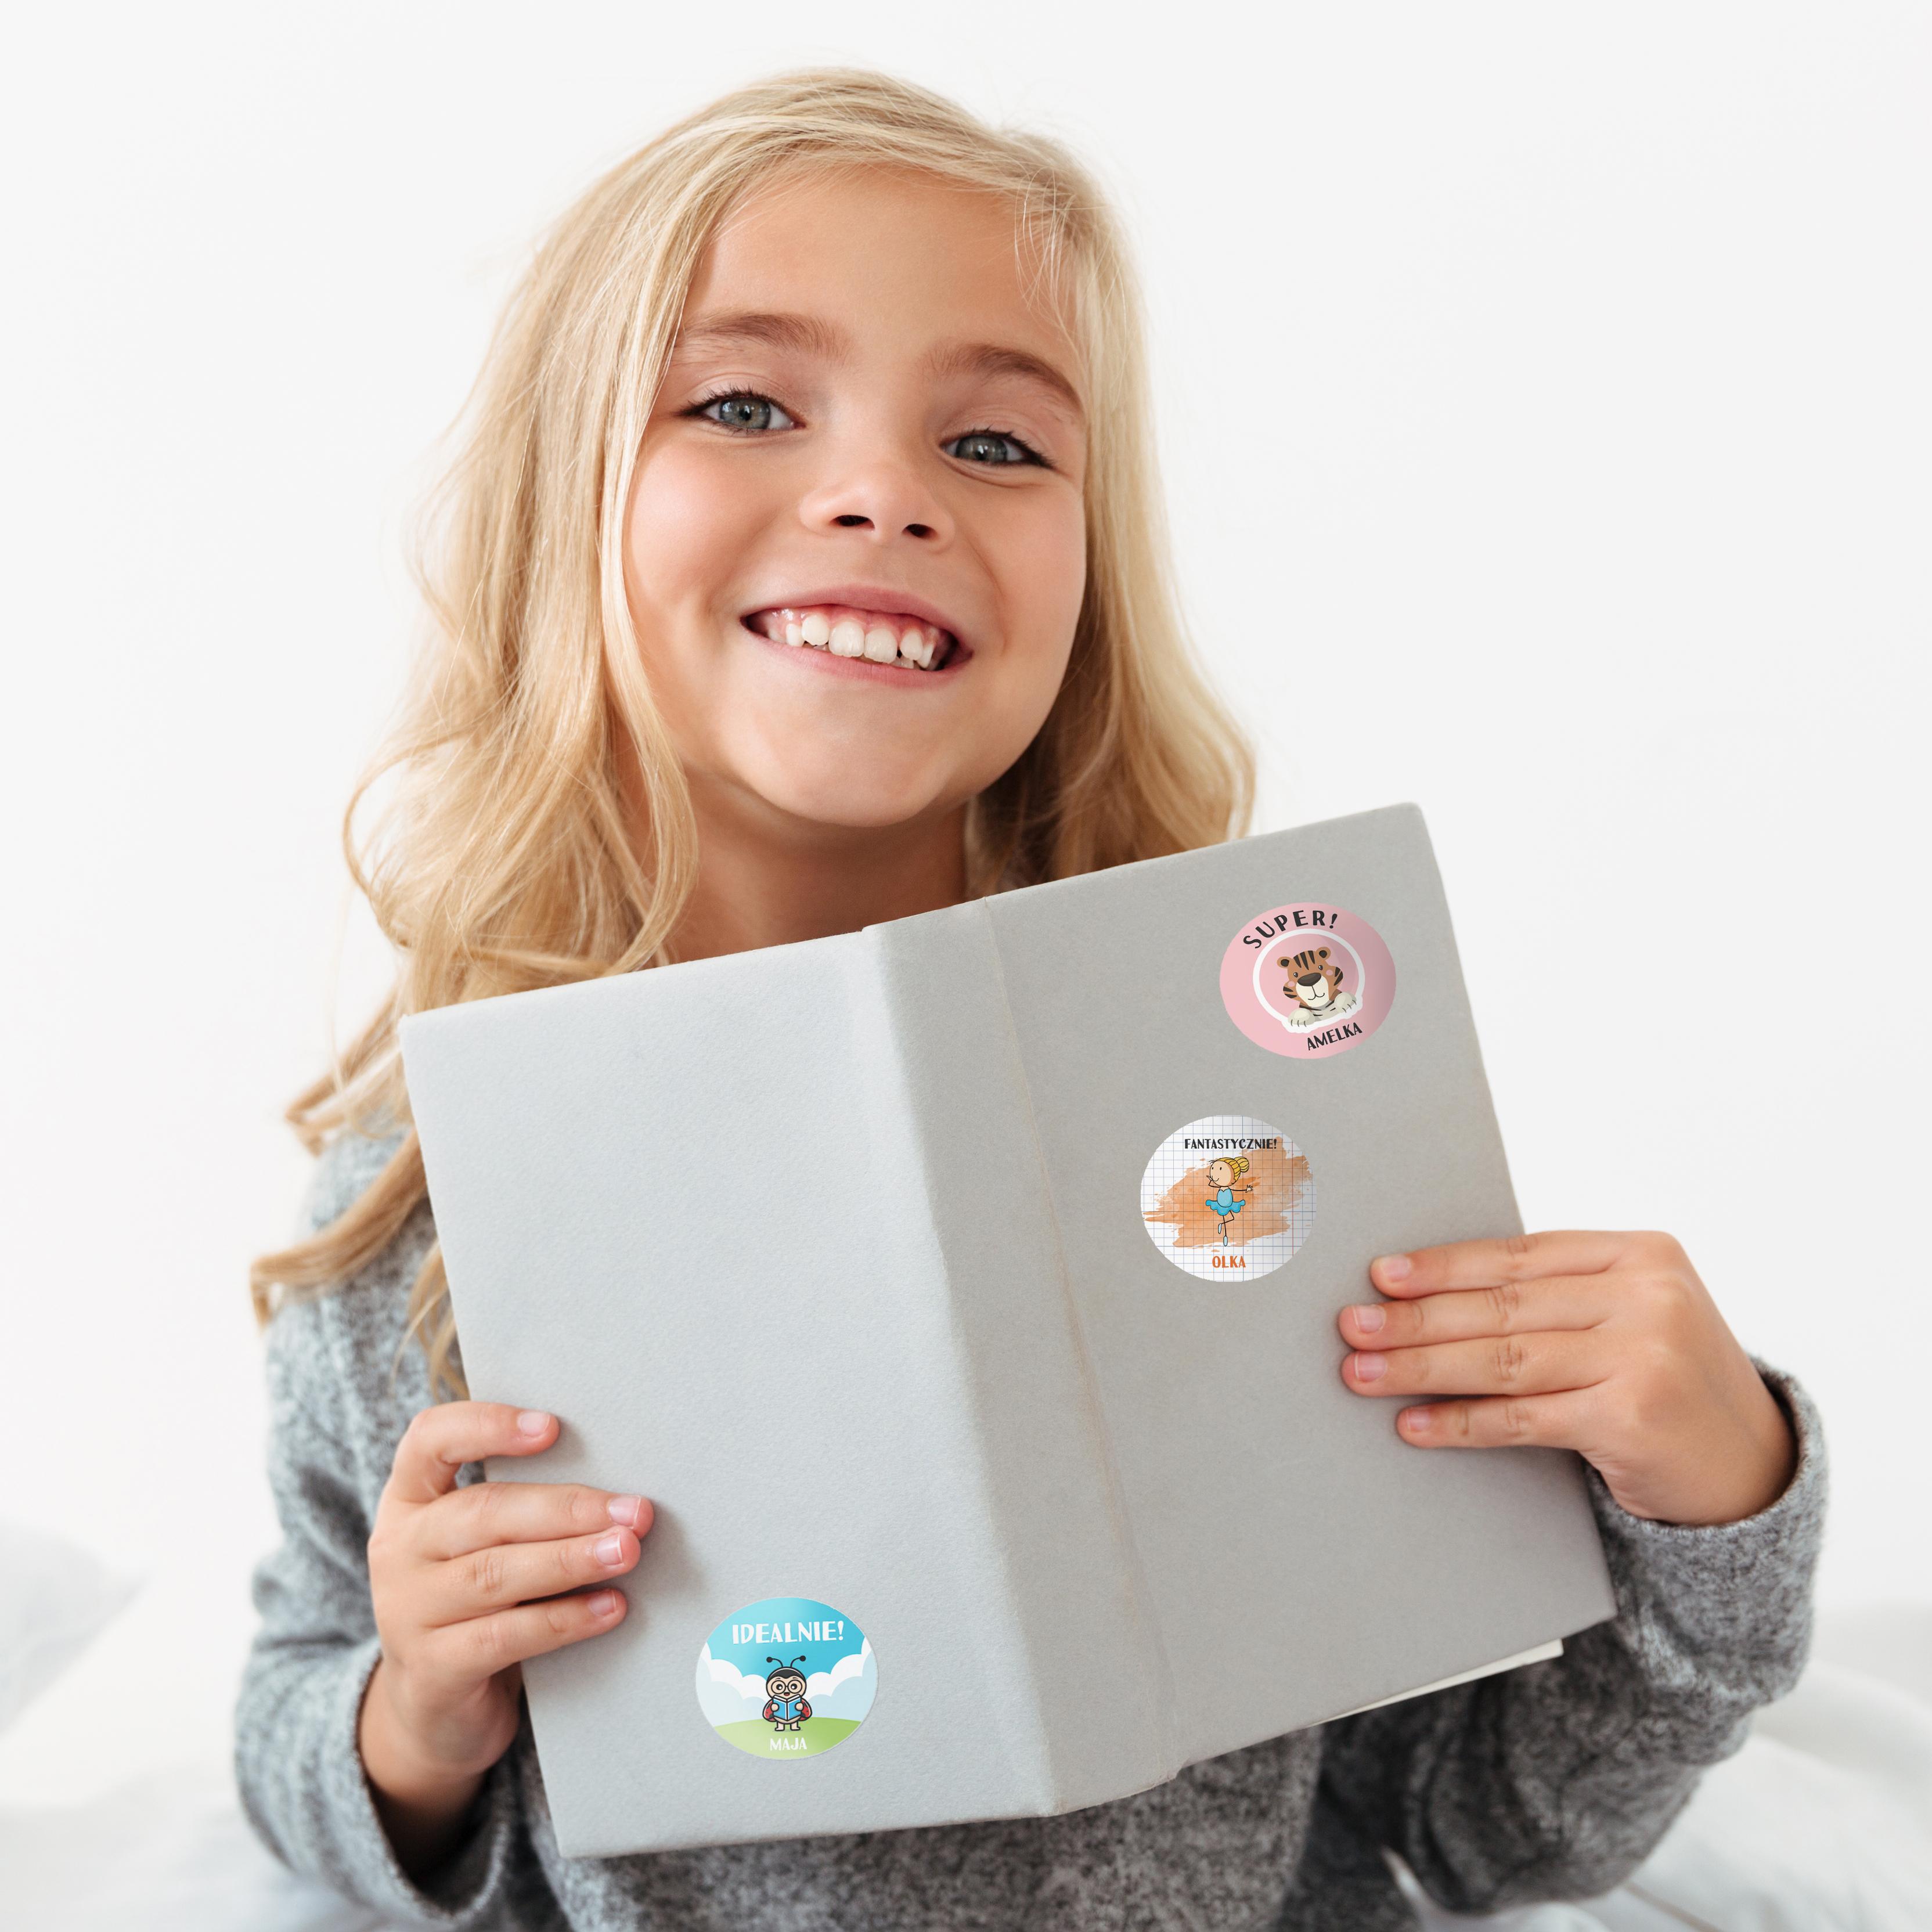 Naklejki motywacyjne dla dzieci szkolne naklejki z imieniem dziecka dobrze miś